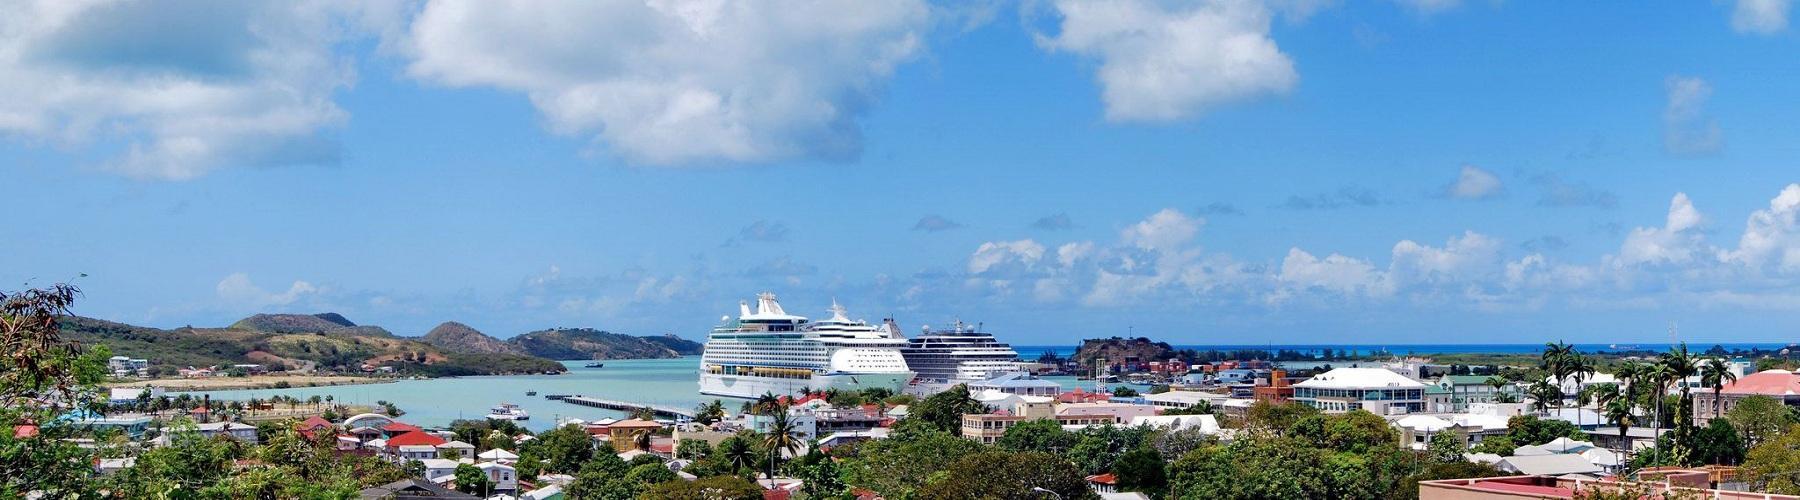 Отдых на островах Антигуа и Барбуда